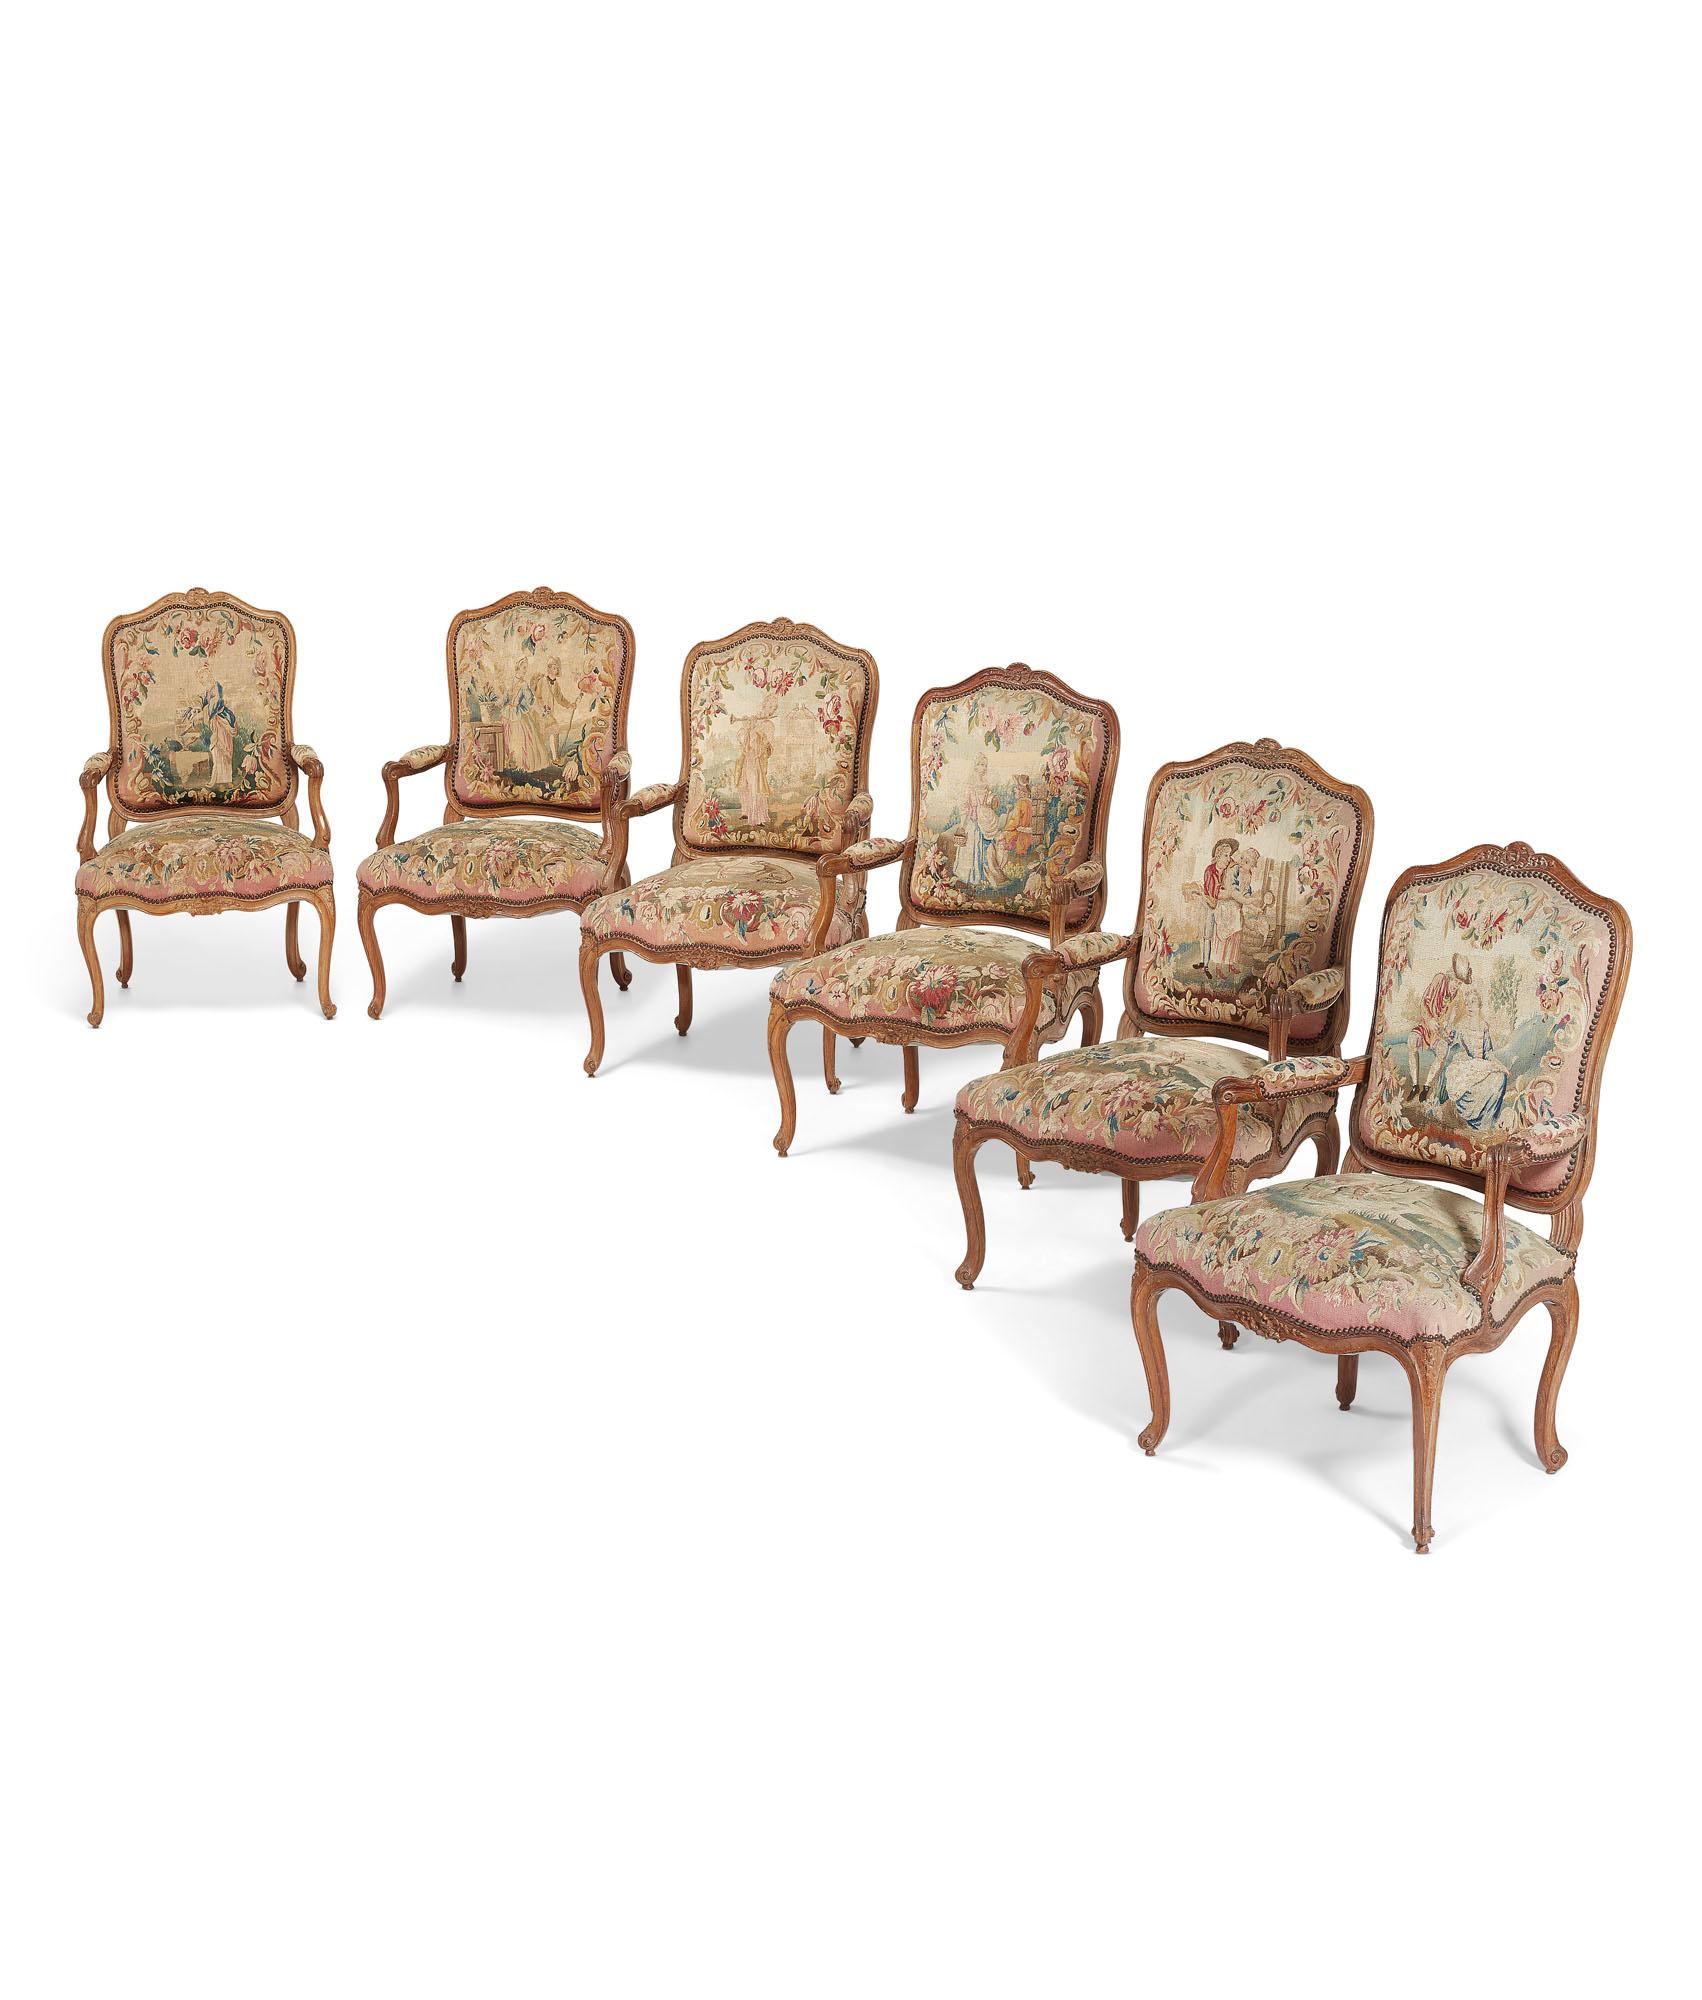 suite de six fauteuils a la reine de style louis xv